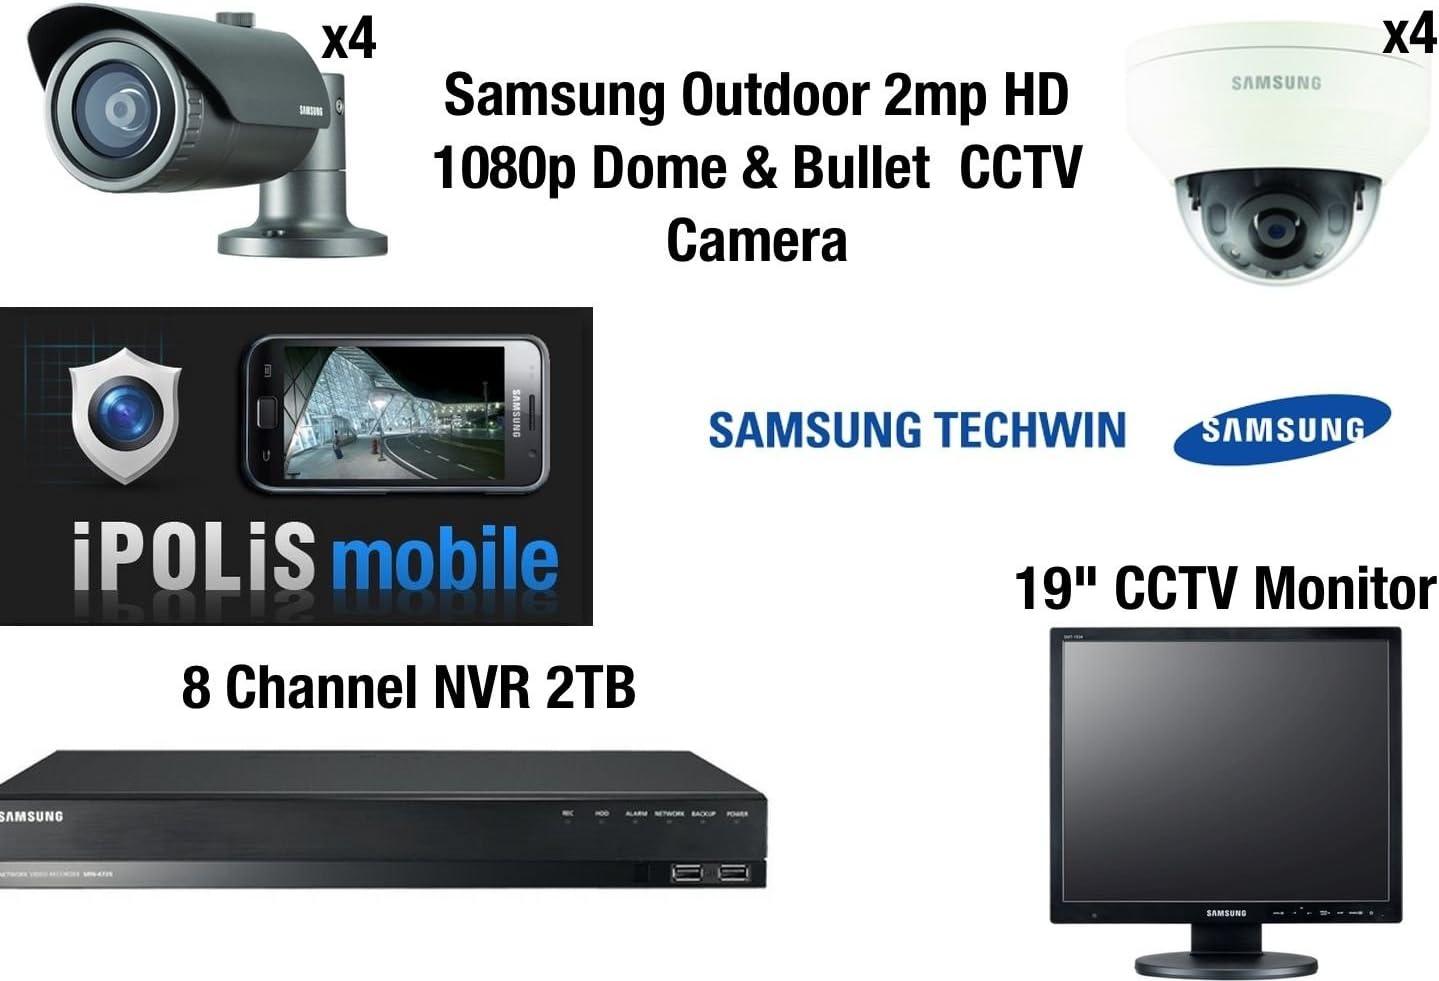 Samsung 8 cámara CCTV Kit - Full HD 1080p 4 cúpula y 4 balas 2MP externo con 8 CH NVR 2TB móvil de visualización y 19